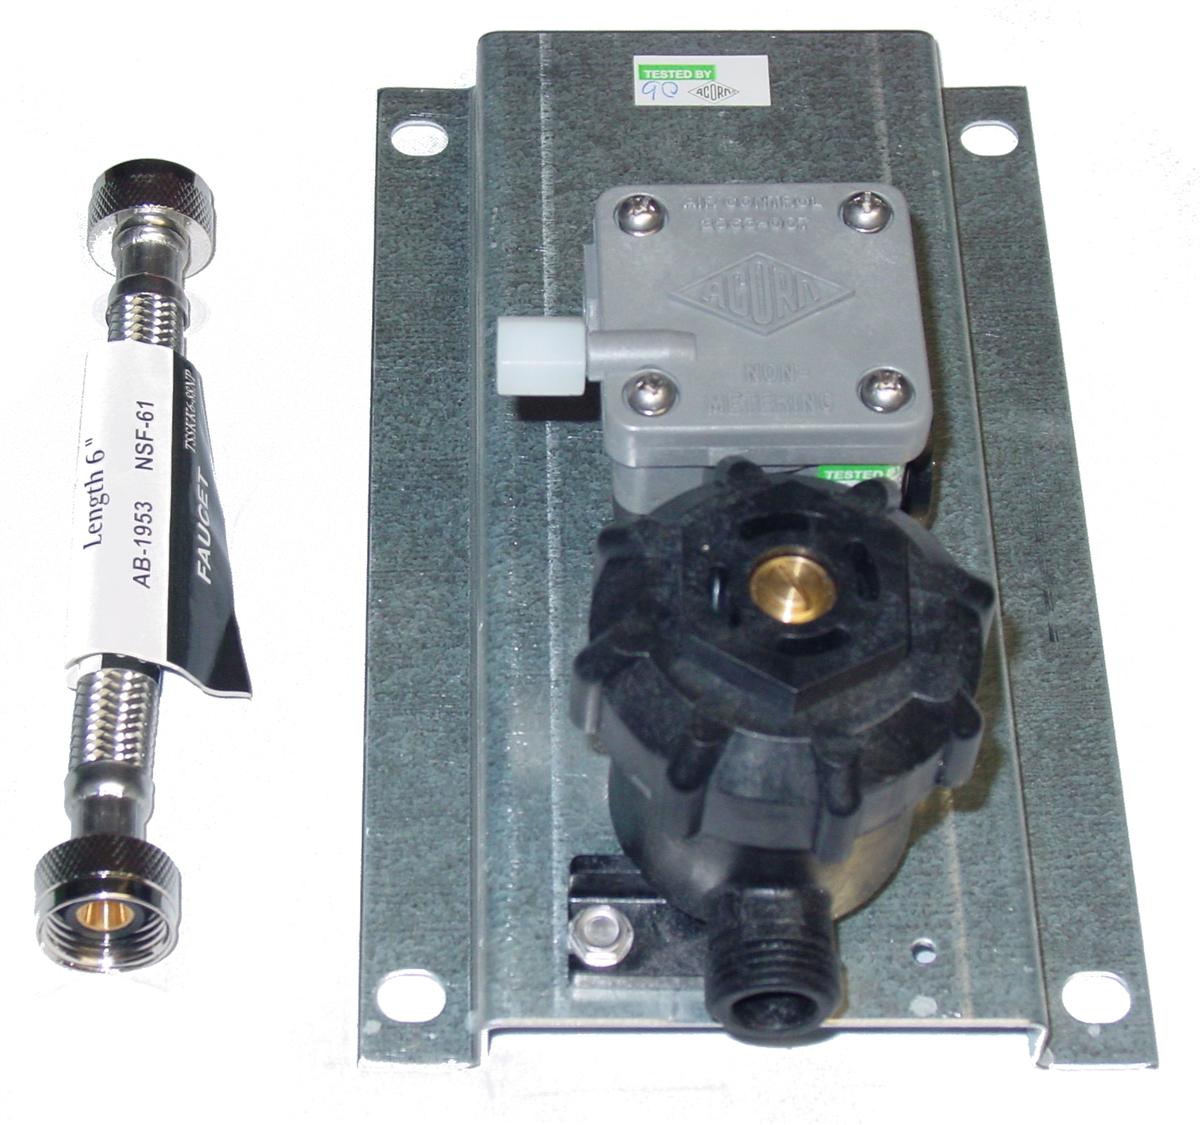 ACORN S/T .5 GPM AIR CONTROL NON-METERING VALVE